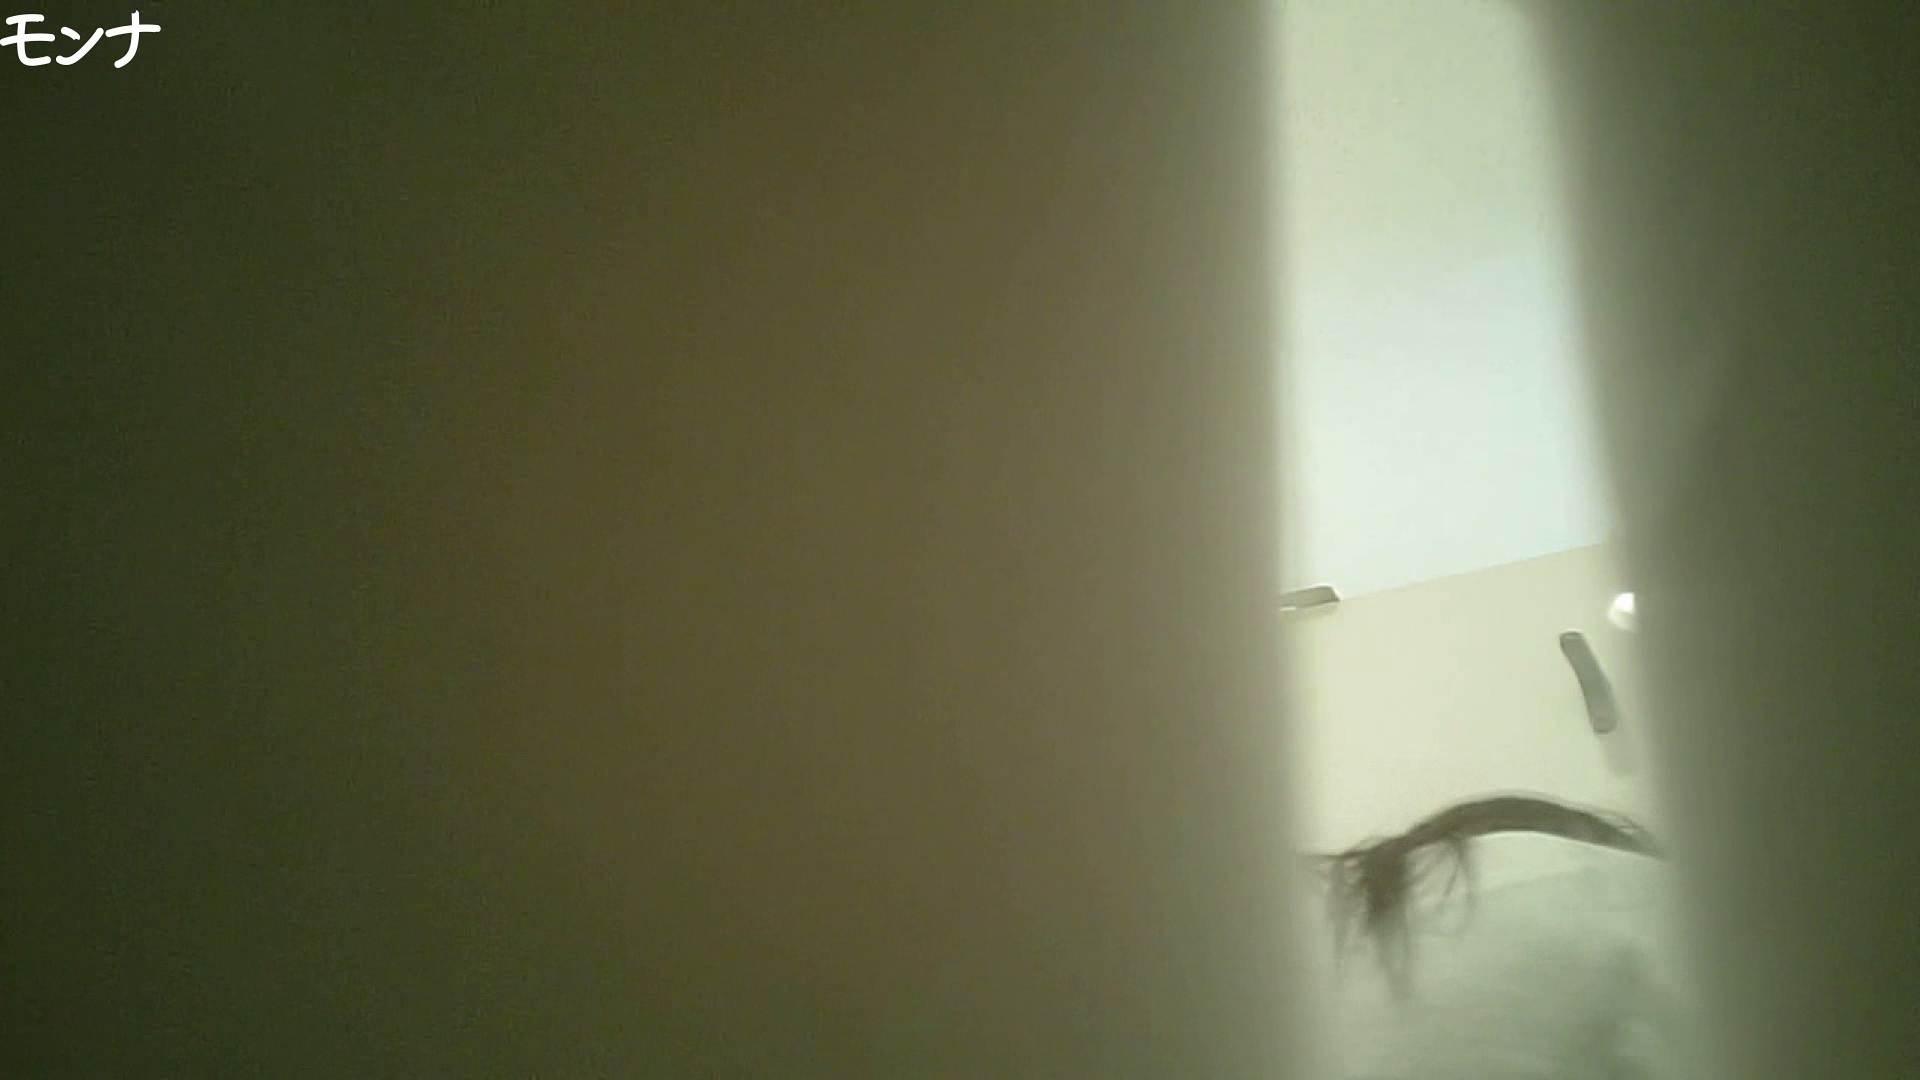 有名大学女性洗面所 vol.65 秘技!!マルチアングル天井撮り!! 和式便所 オマンコ無修正動画無料 110枚 7